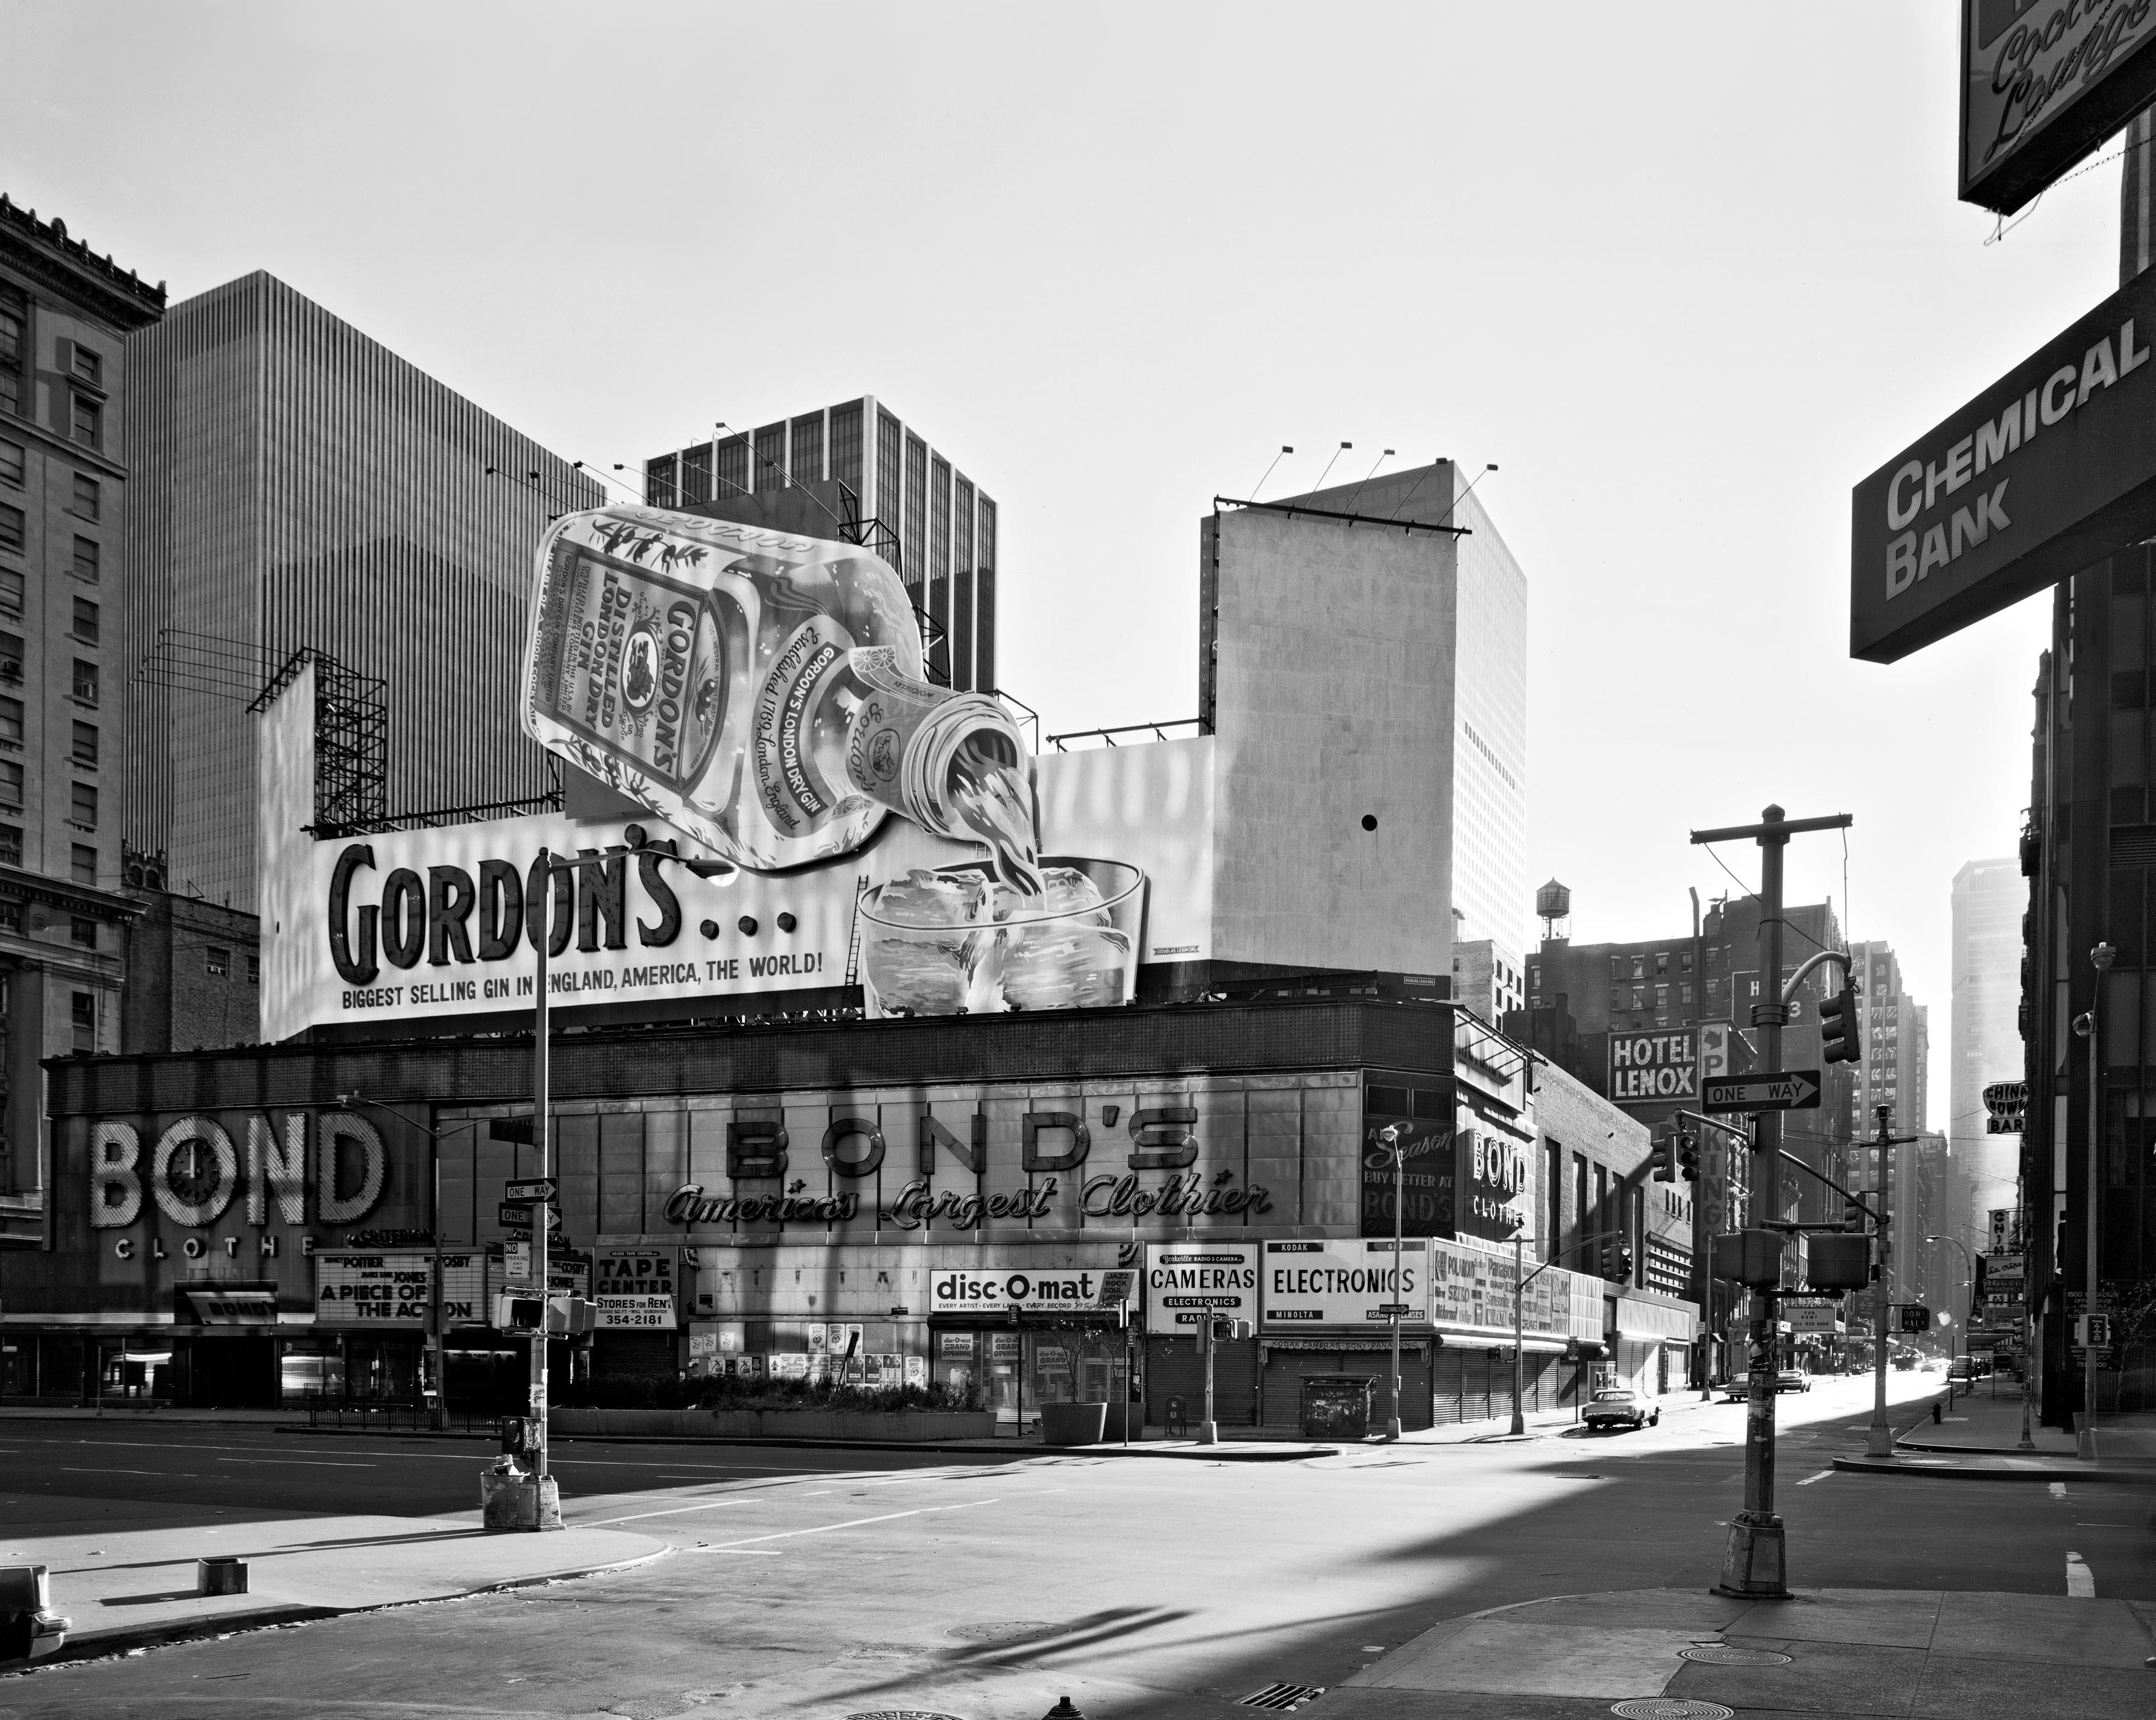 Gordon's gin, 1978.